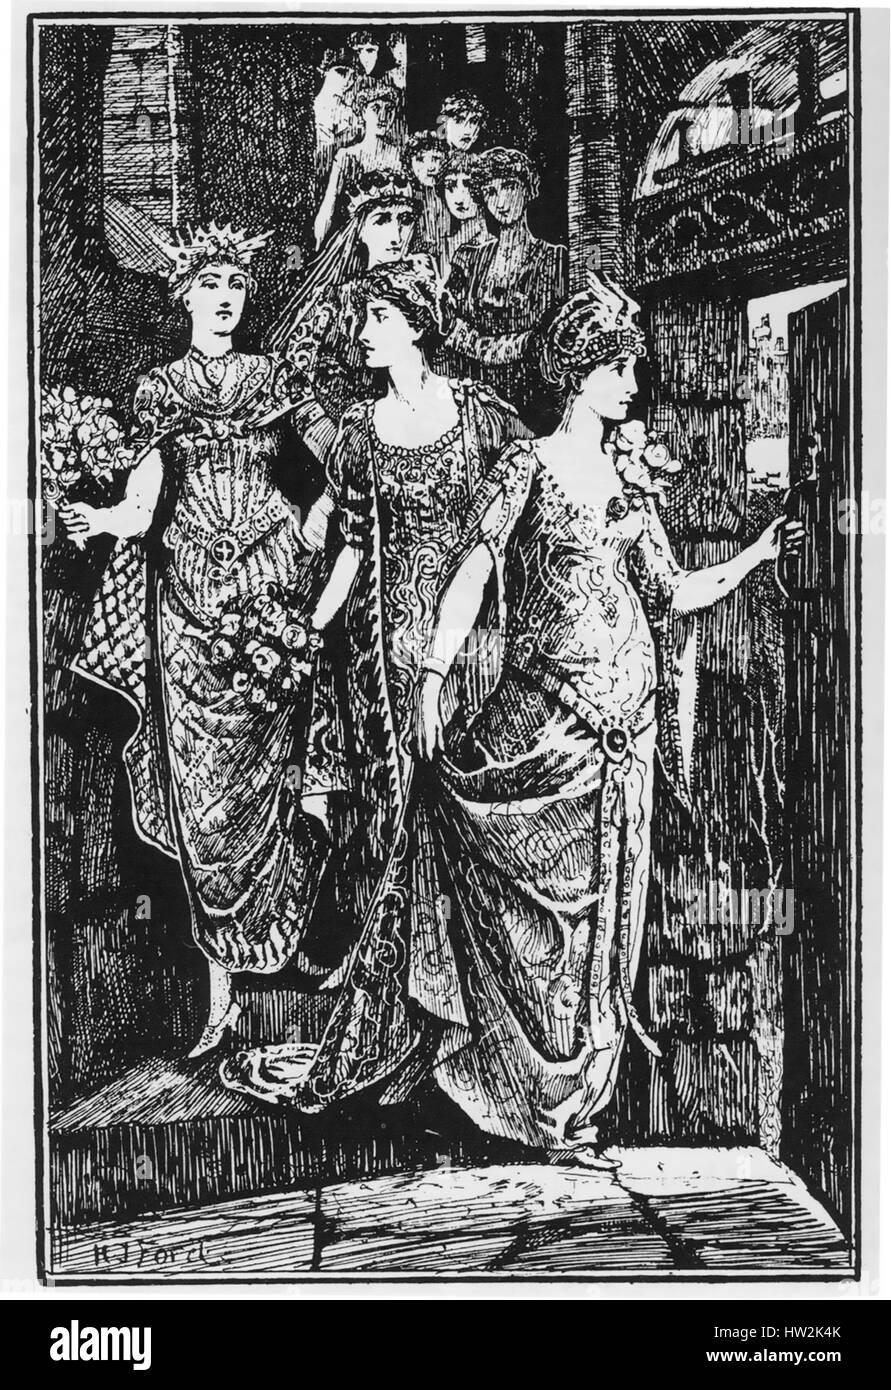 DIE ZWÖLF TANZENDEN PRINZESSINNEN. Märchen der Gebrüder Grimm gesammelt.  Illustration von H.J.Ford Stockbild